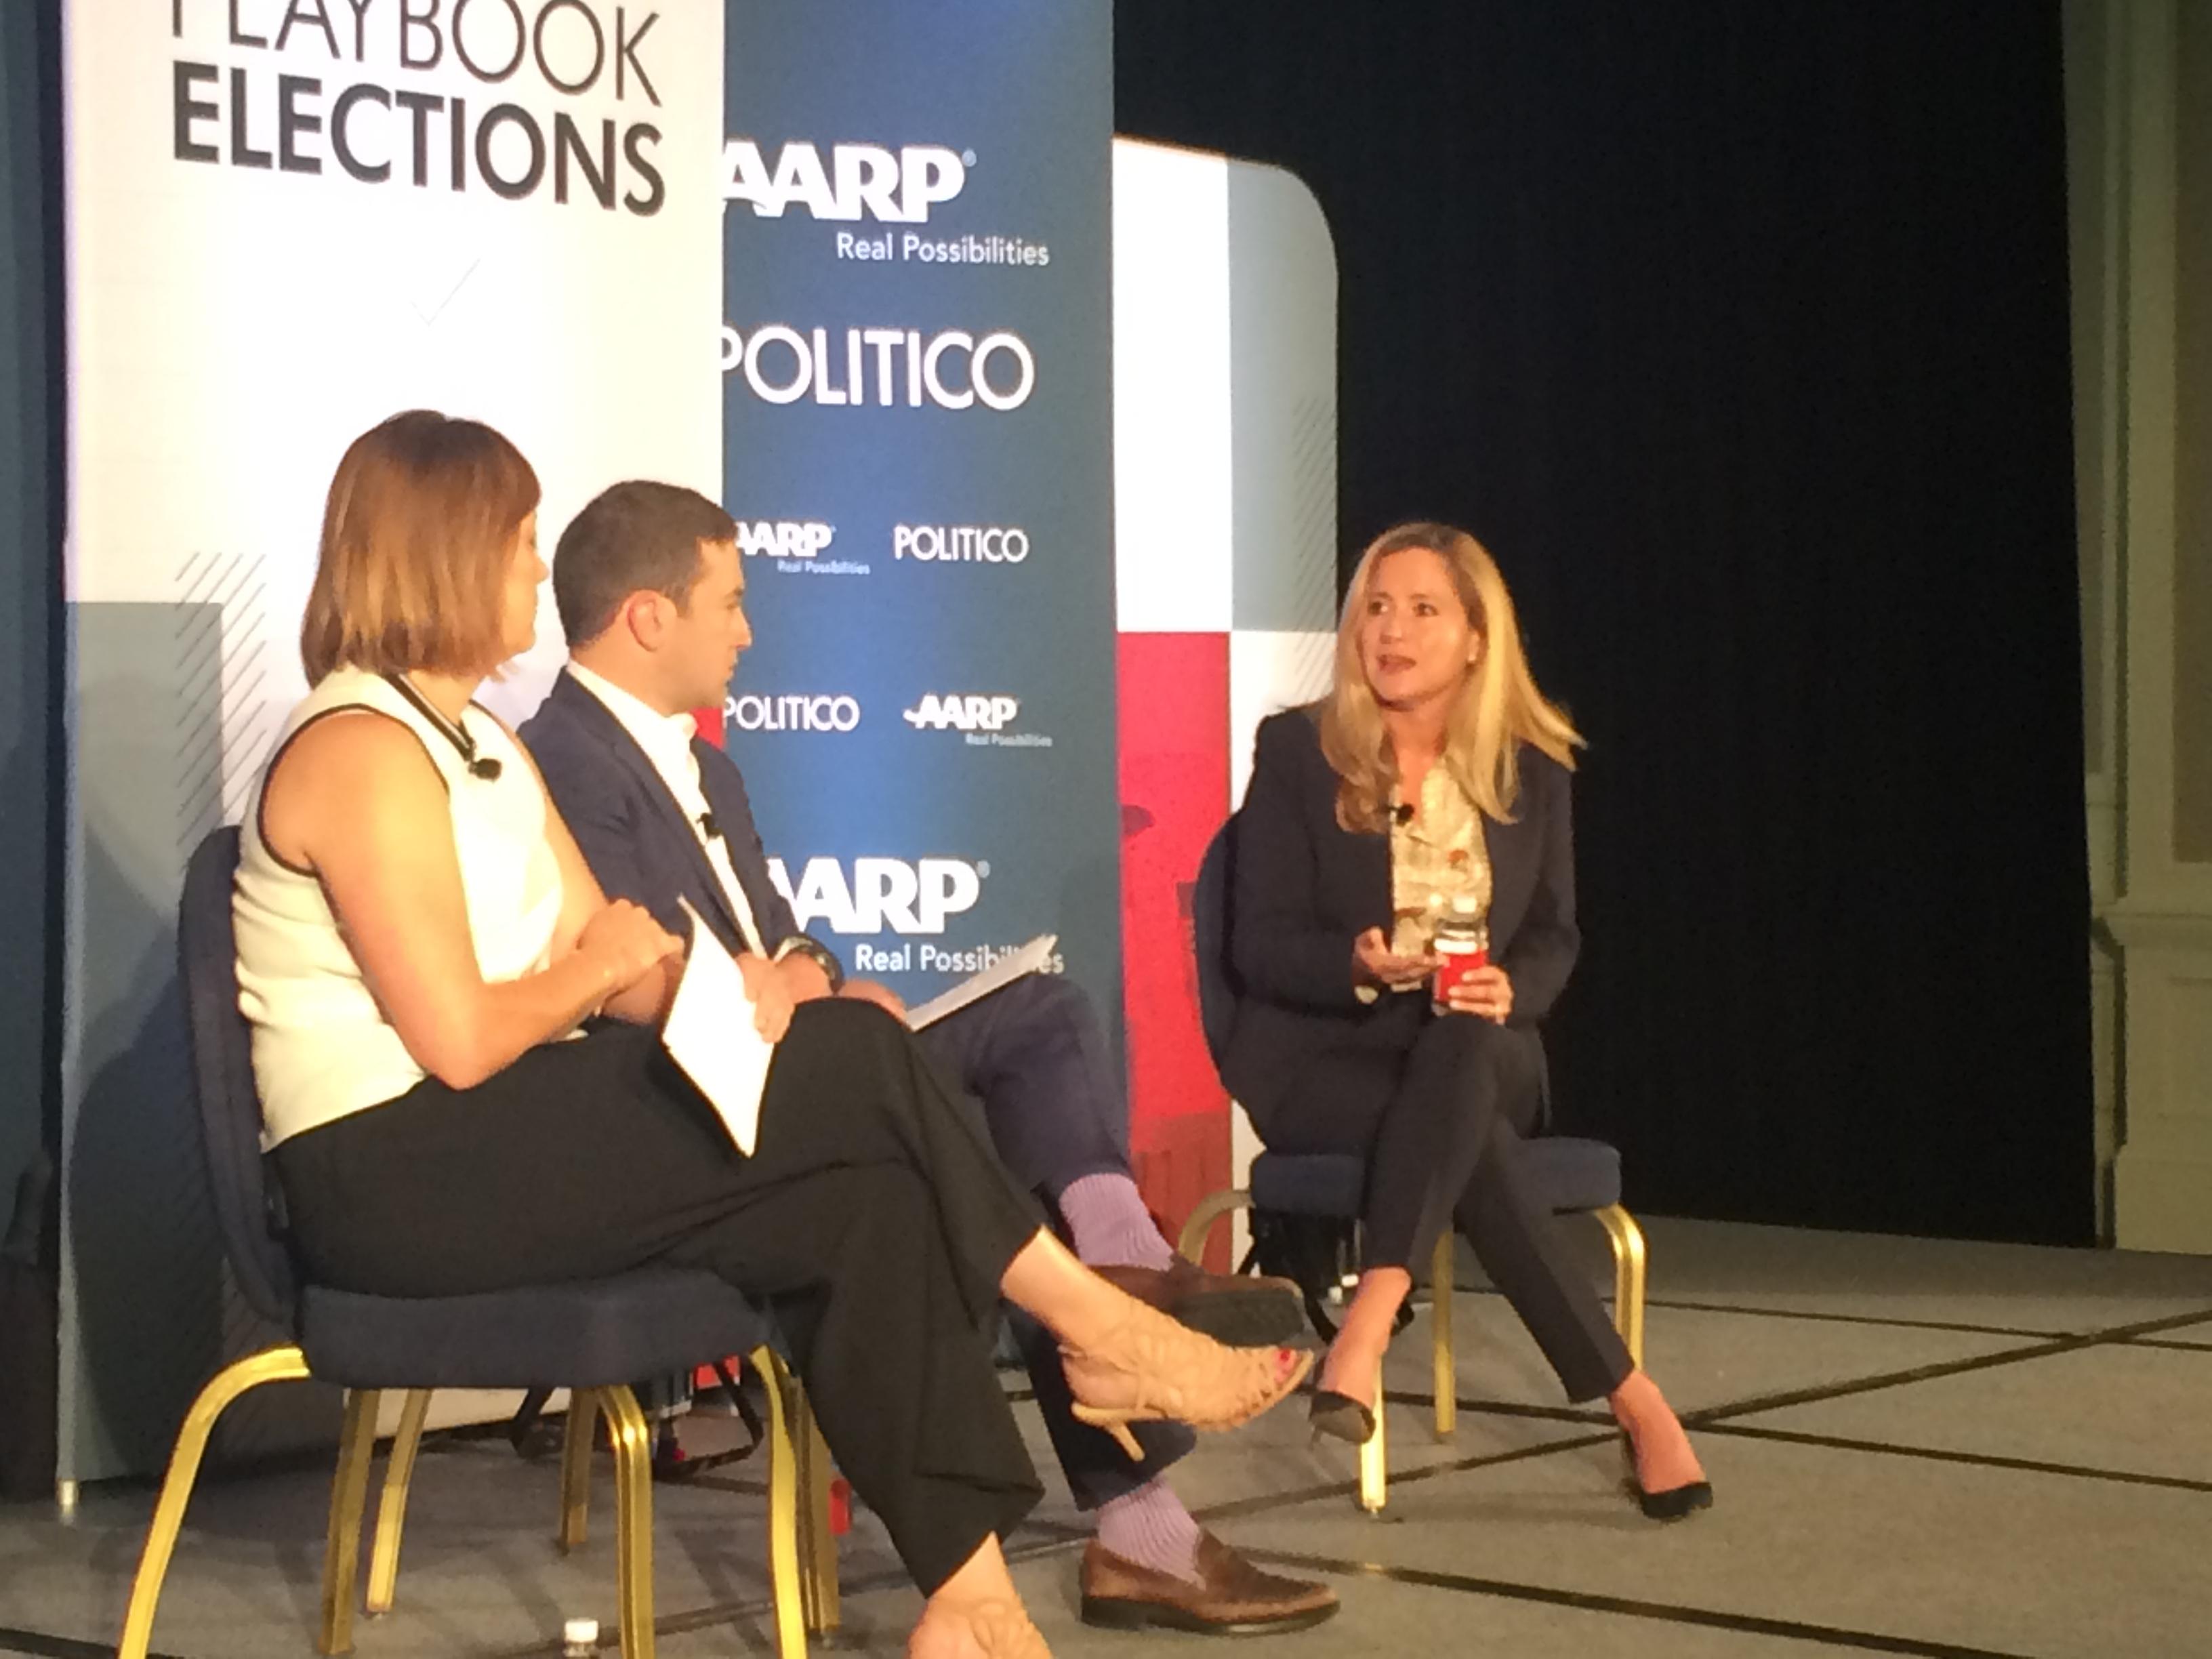 Debbie Mucarsel-Powell POLITICO Miami